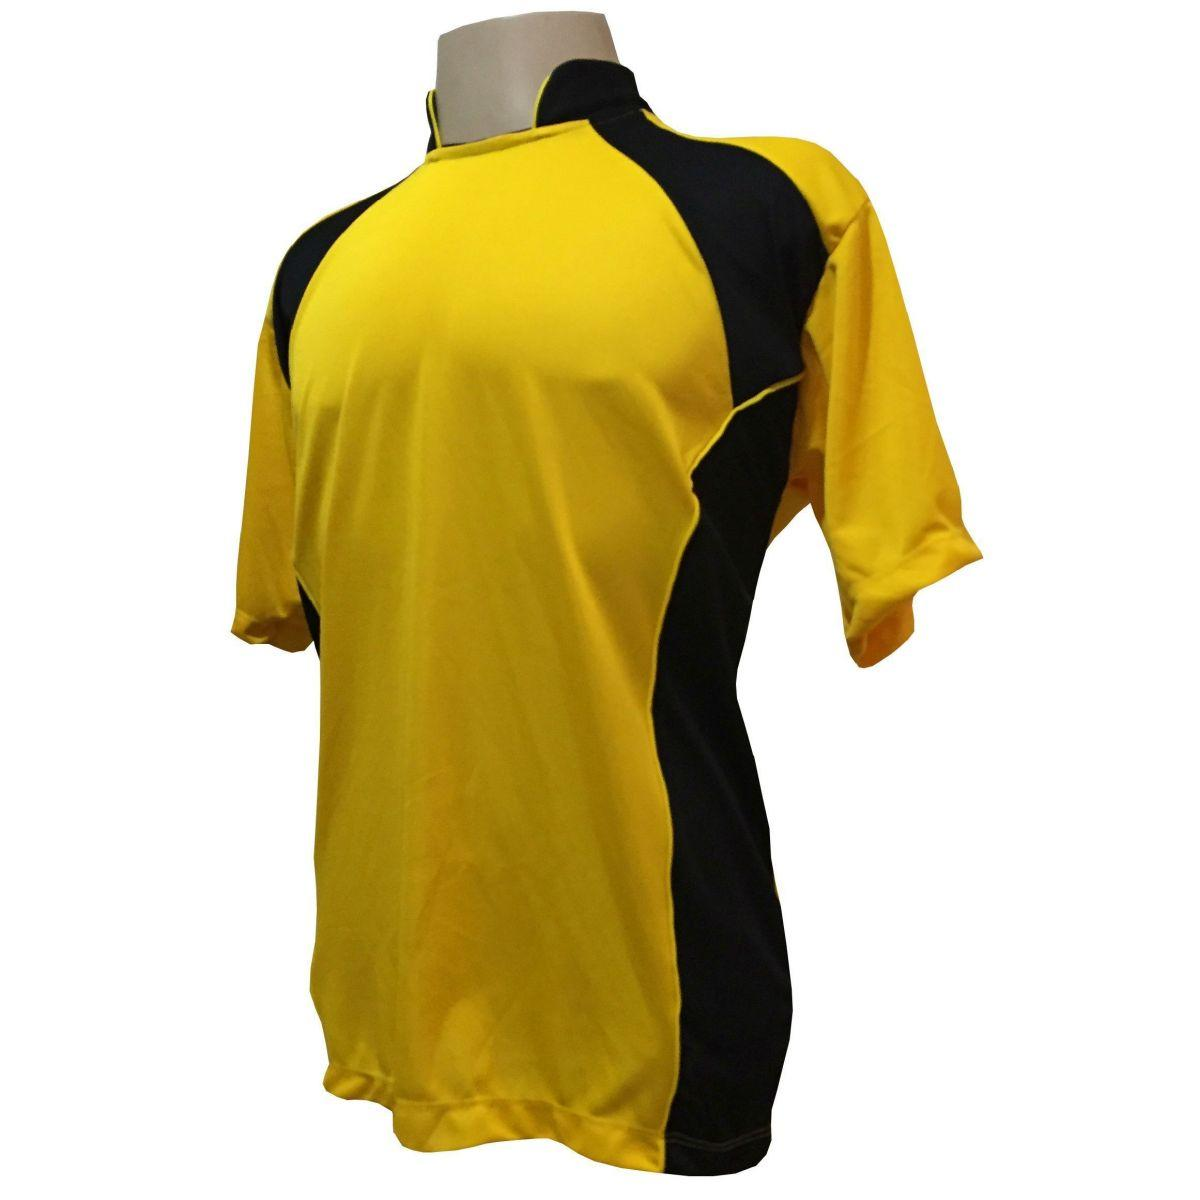 917eb58646 Uniforme Esportivo com 14 camisas modelo Suécia Amarelo Preto + 14 calções  modelo Copa Preto Amarelo + 14 pares de meiões Amarelo - Play fair R   699